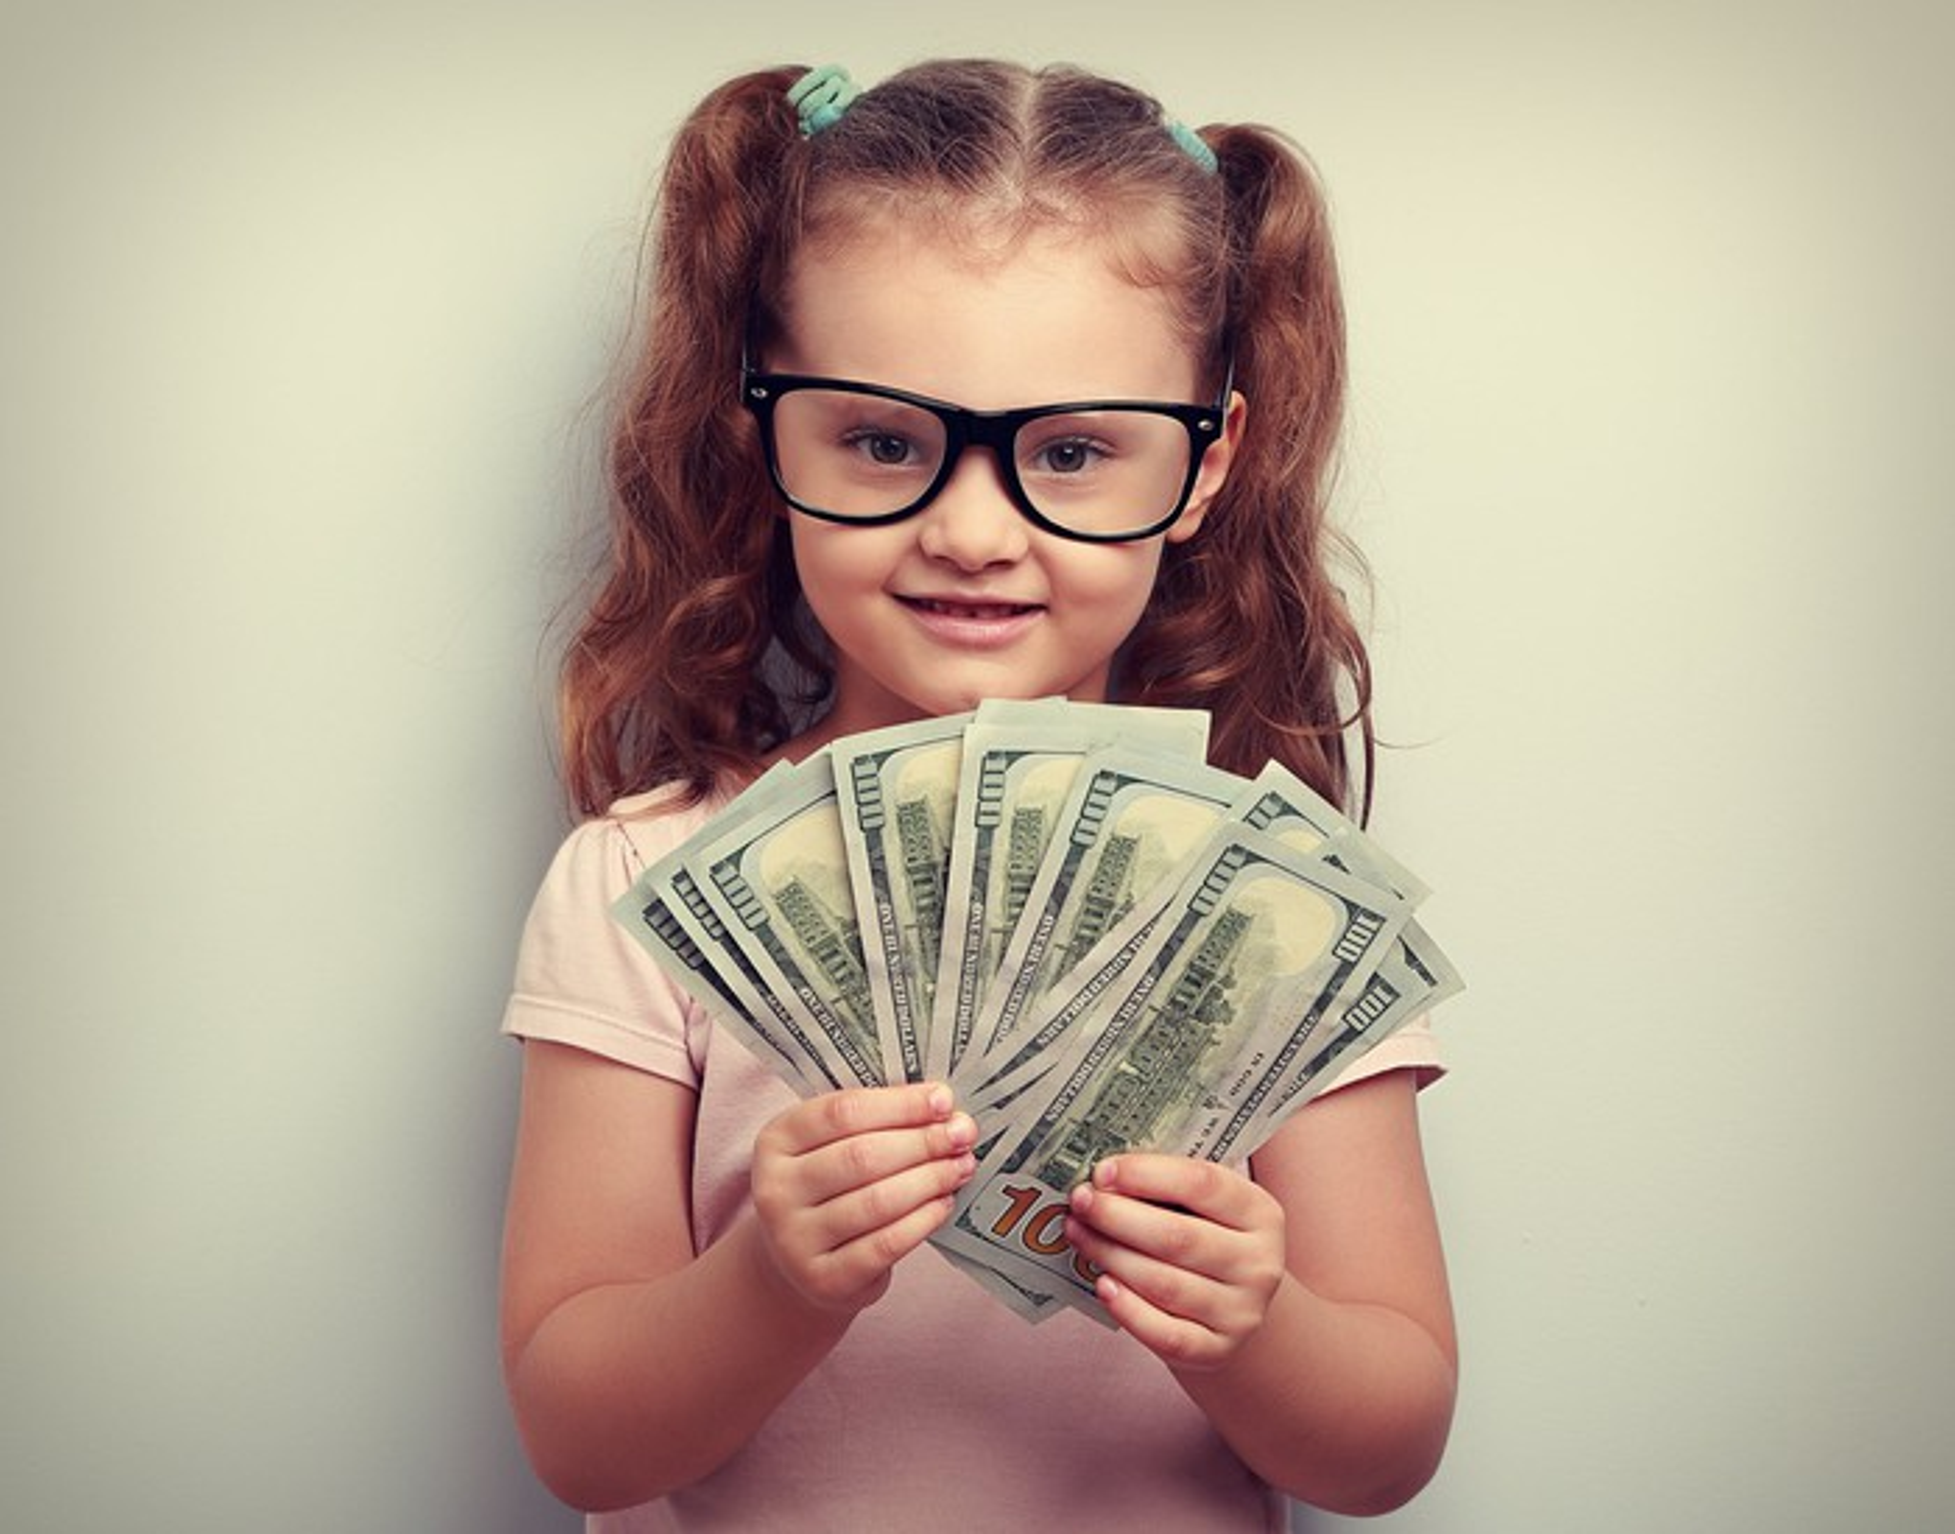 Girl displaying $100 bills.